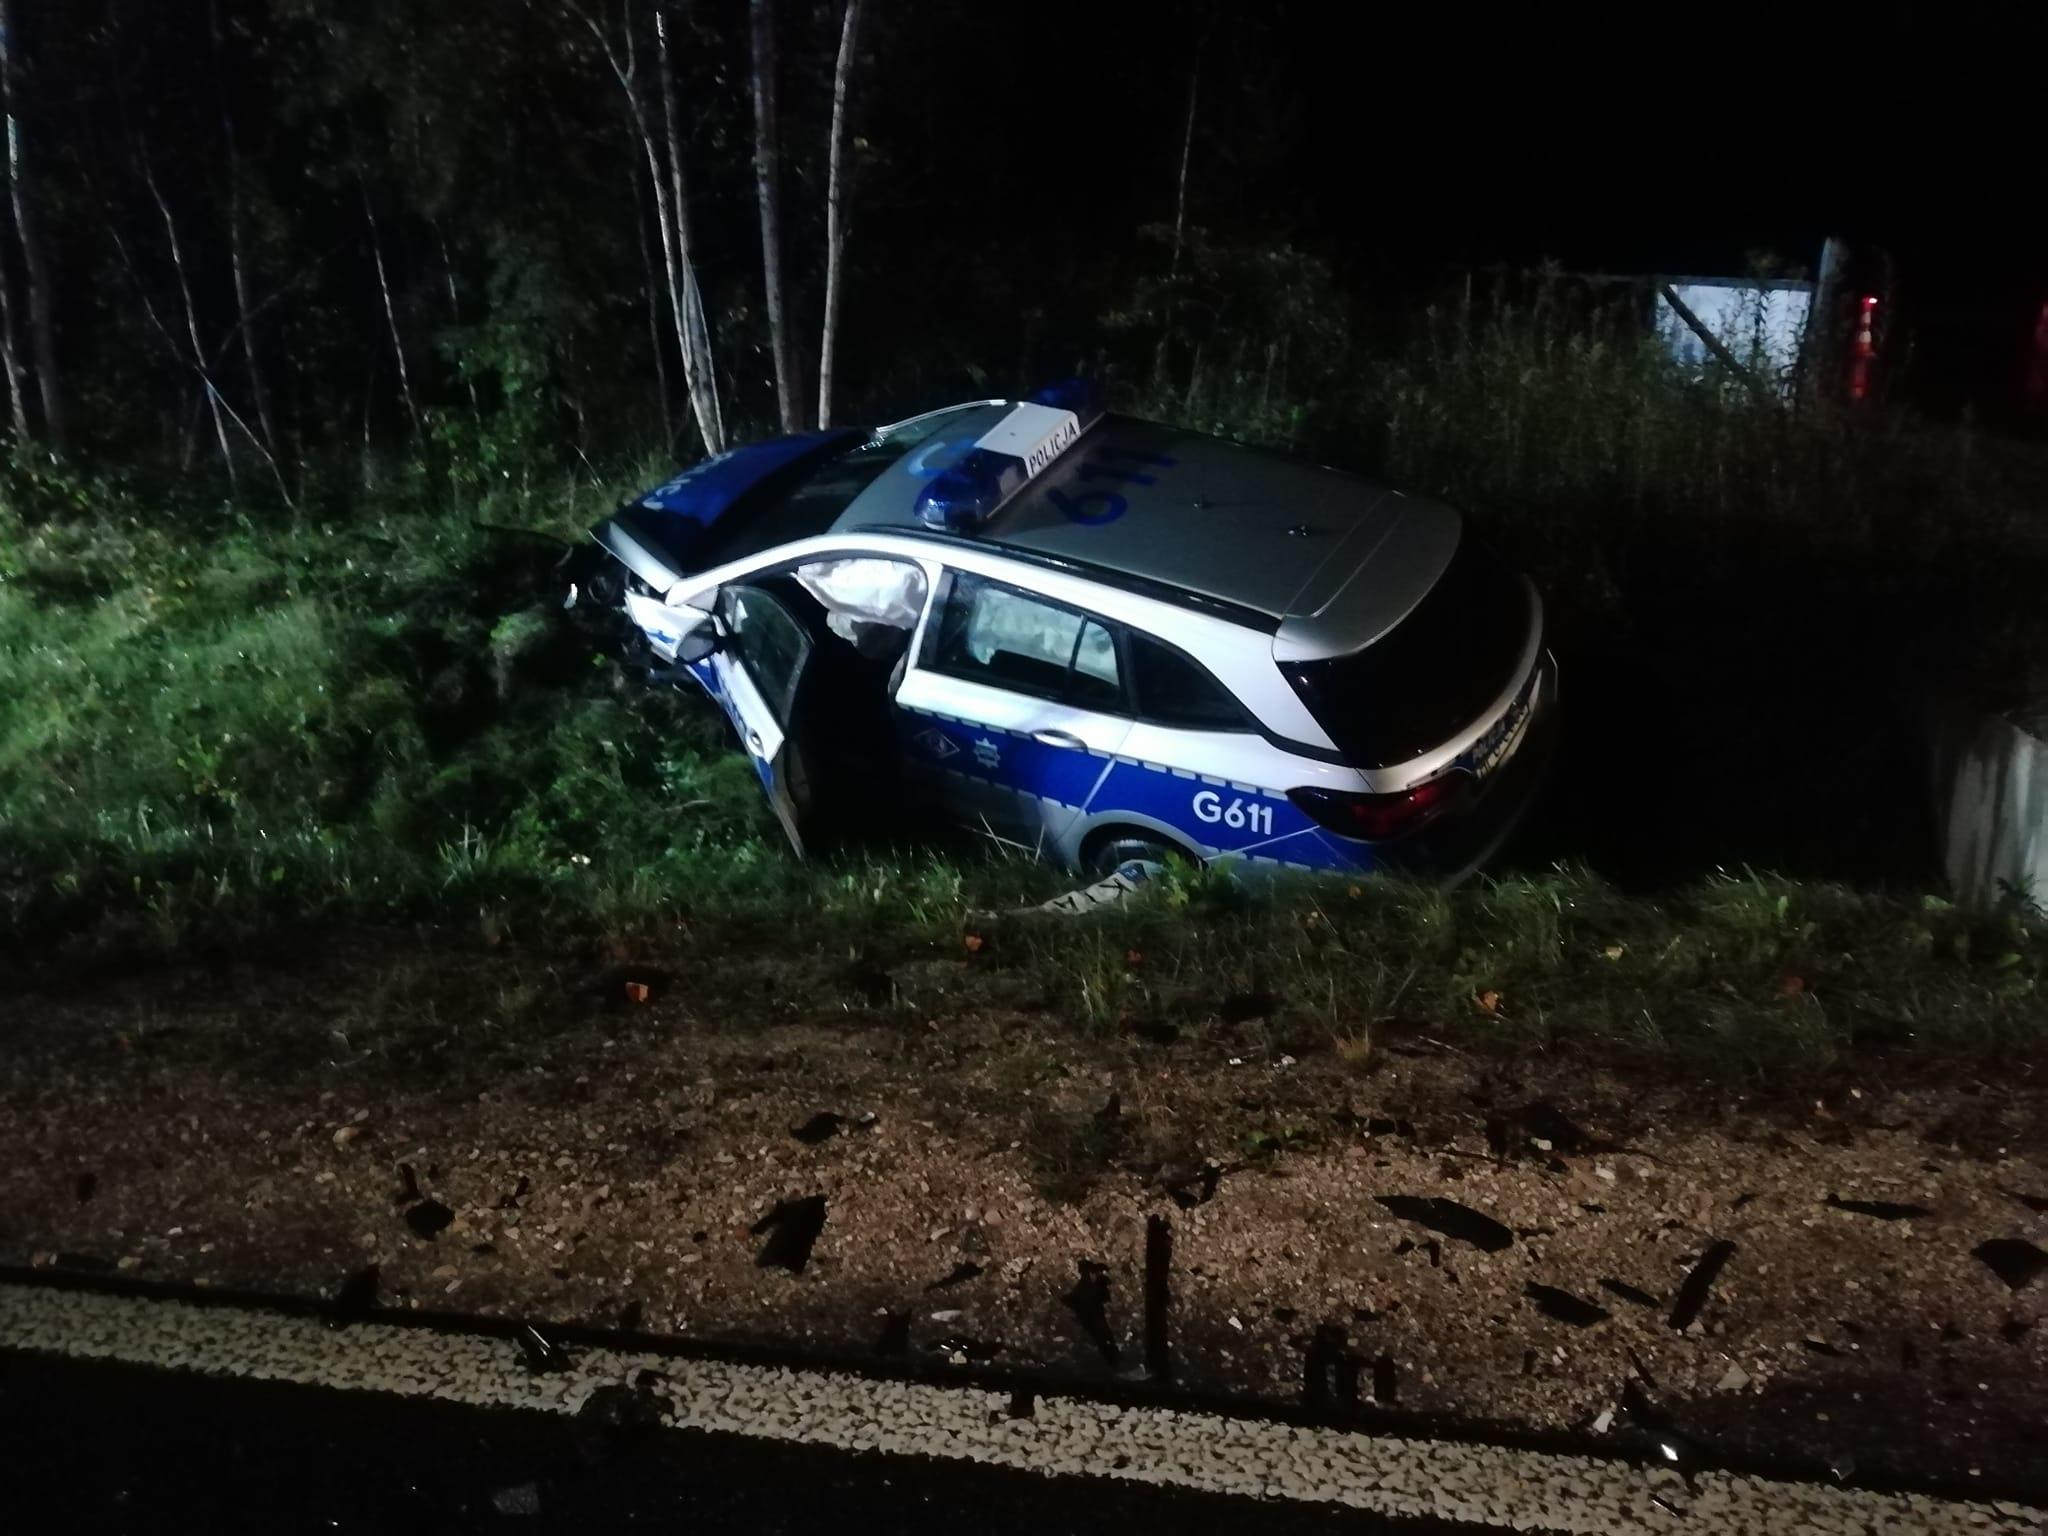 Z KRAJU: Pijany kierowca staranował radiowóz i matiza [ZDJĘCIA] - Zdjęcie główne